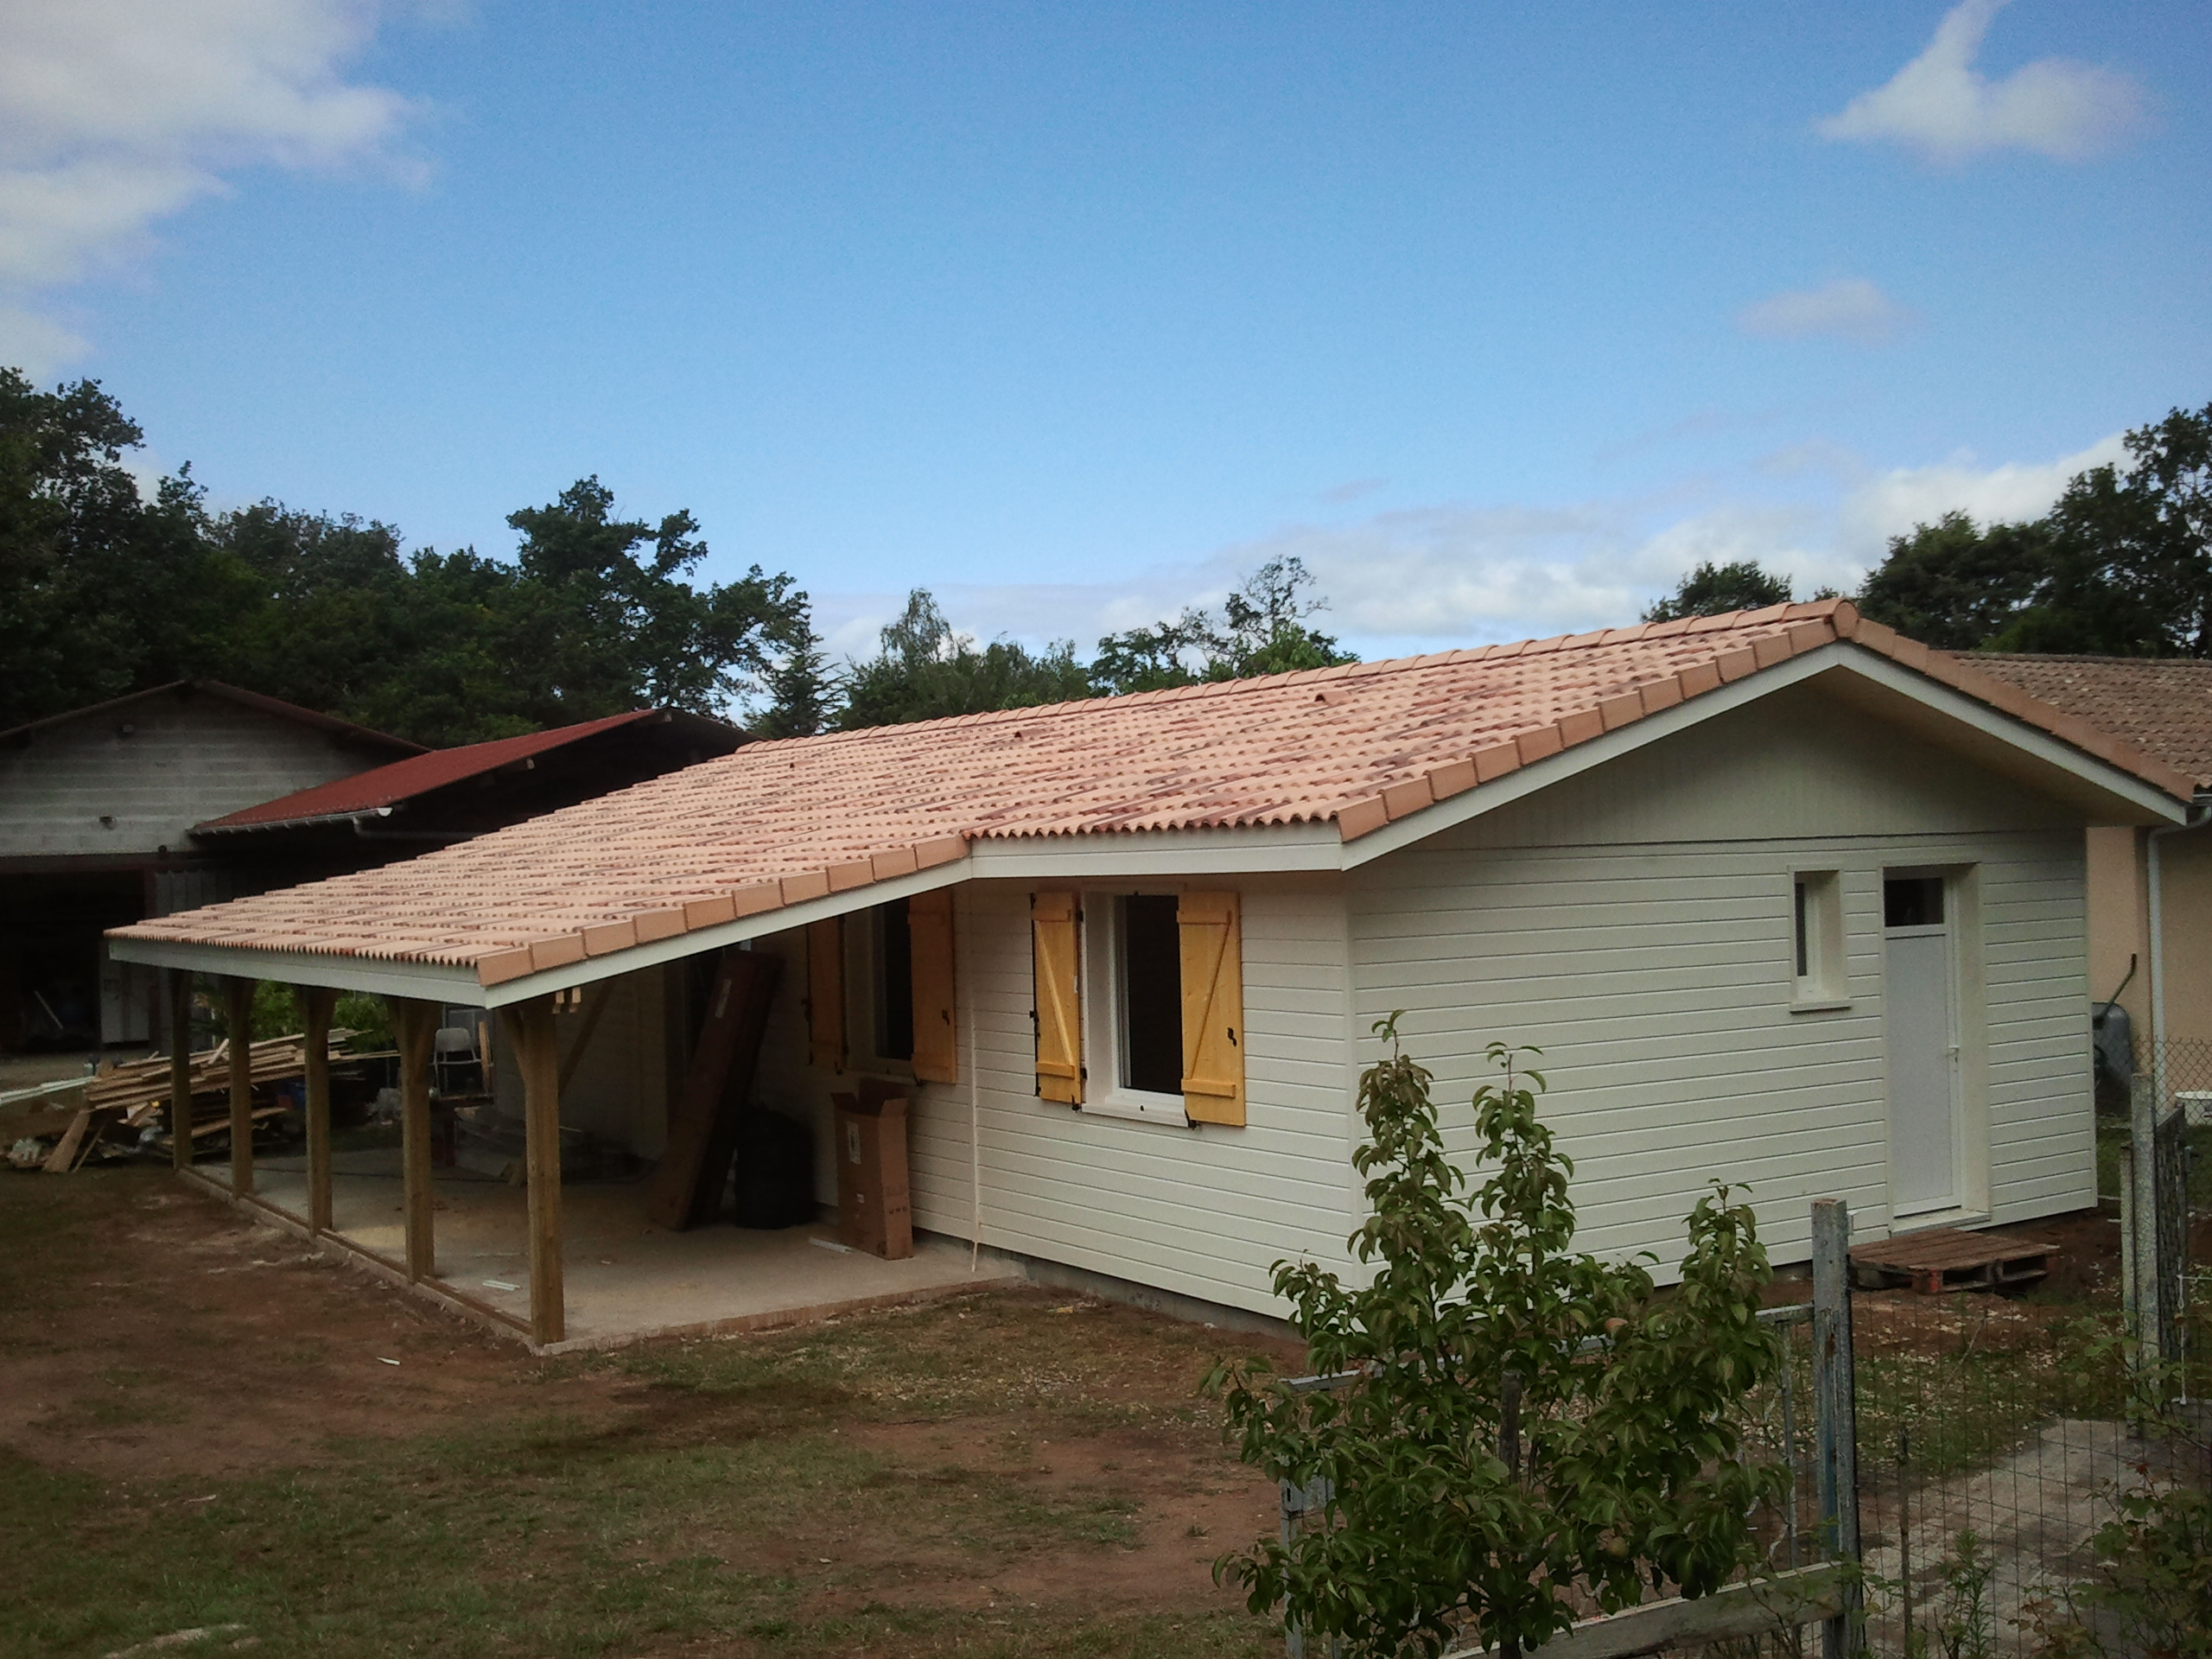 Maison ossature bois landaise boiseco construction for Maison a ossature bois